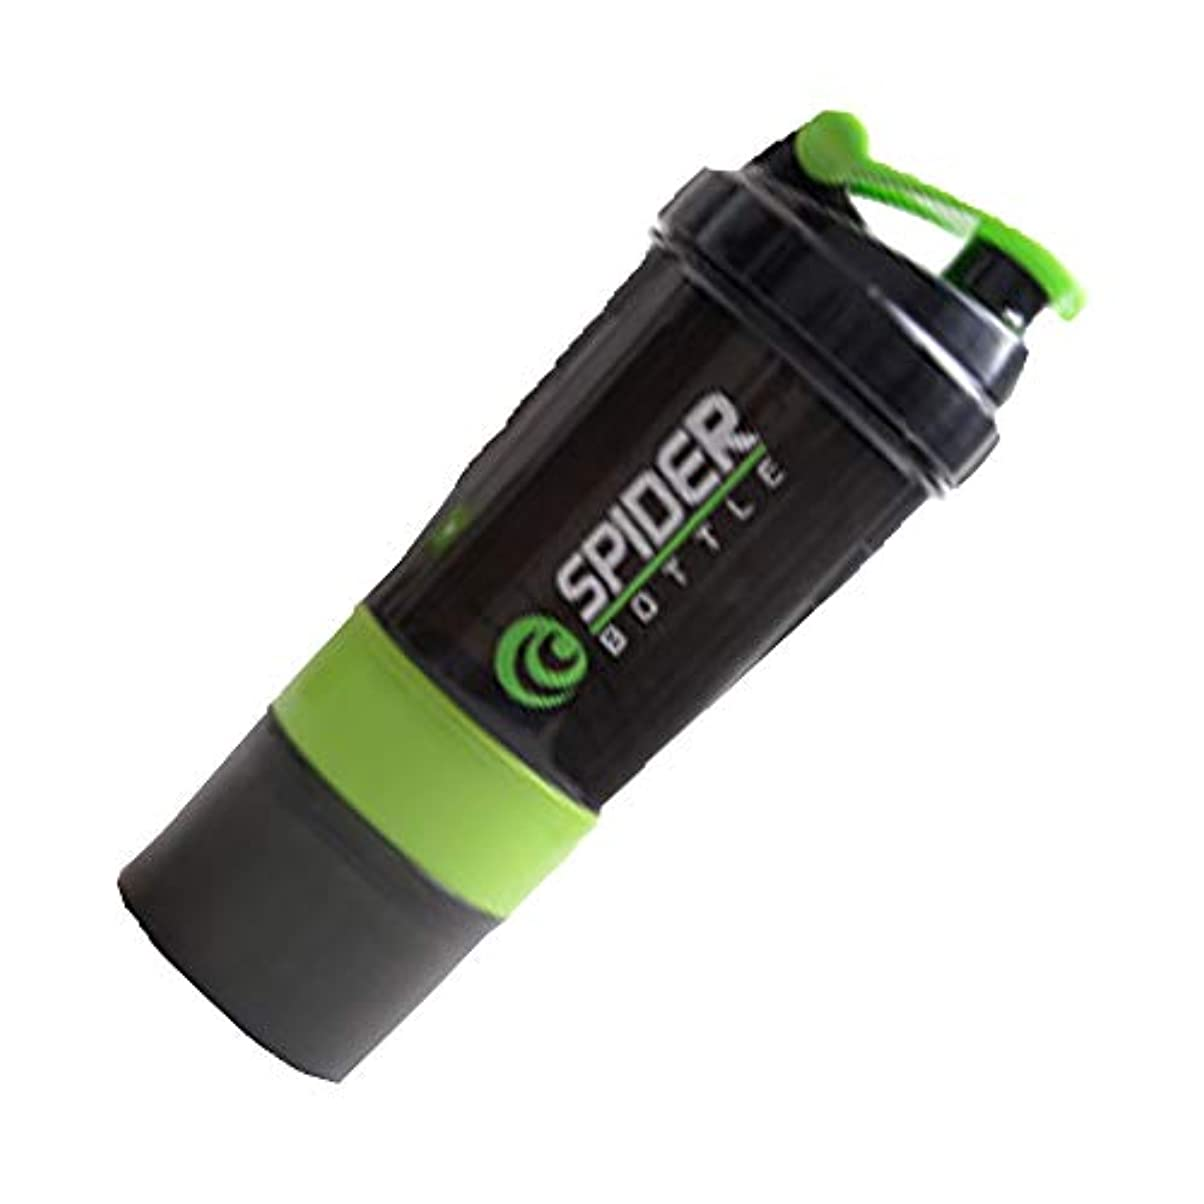 ボードアーク最大Cangad プロテインシェーカー ブレンダーボトル 3層ハンディー式 タンパク質パウダーミキサーボルト 500-600ML 栄養錠剤ビタミン入れ ダイエットドリンク用 (グリーン)